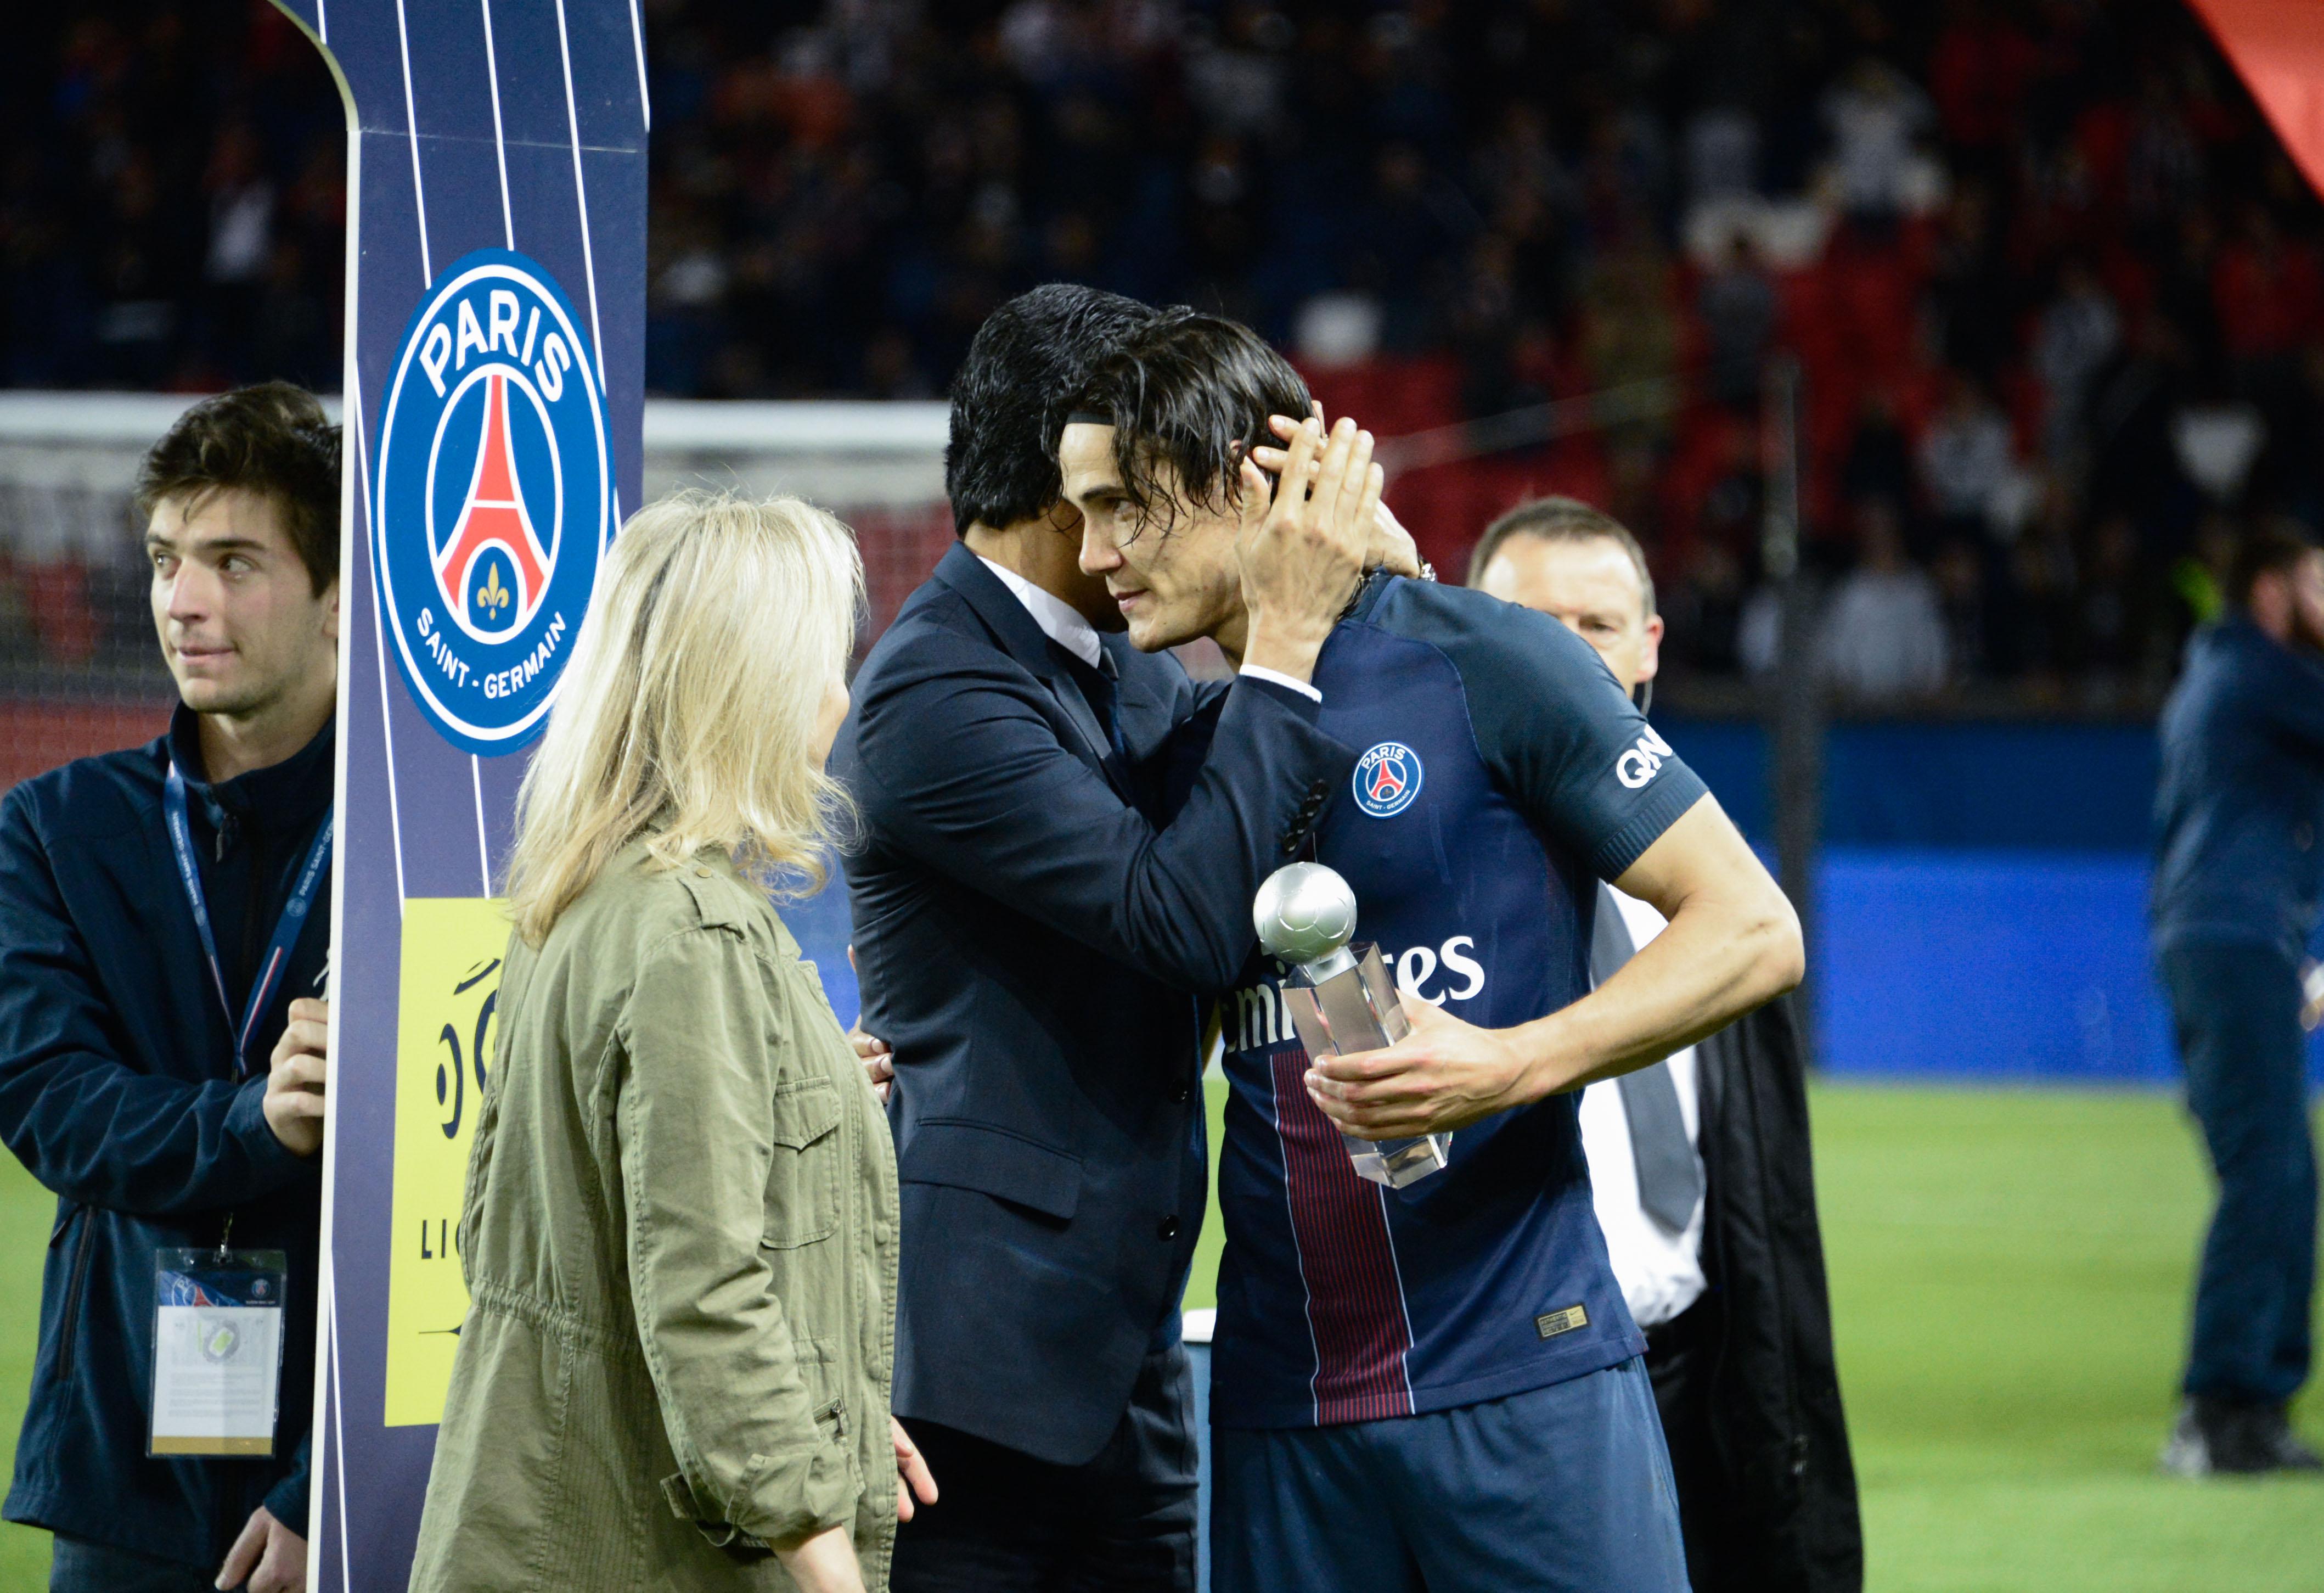 Football - Ligue 1 - 1M€ offert à Cavani … pour qu'il ne tire plus de penalty ?